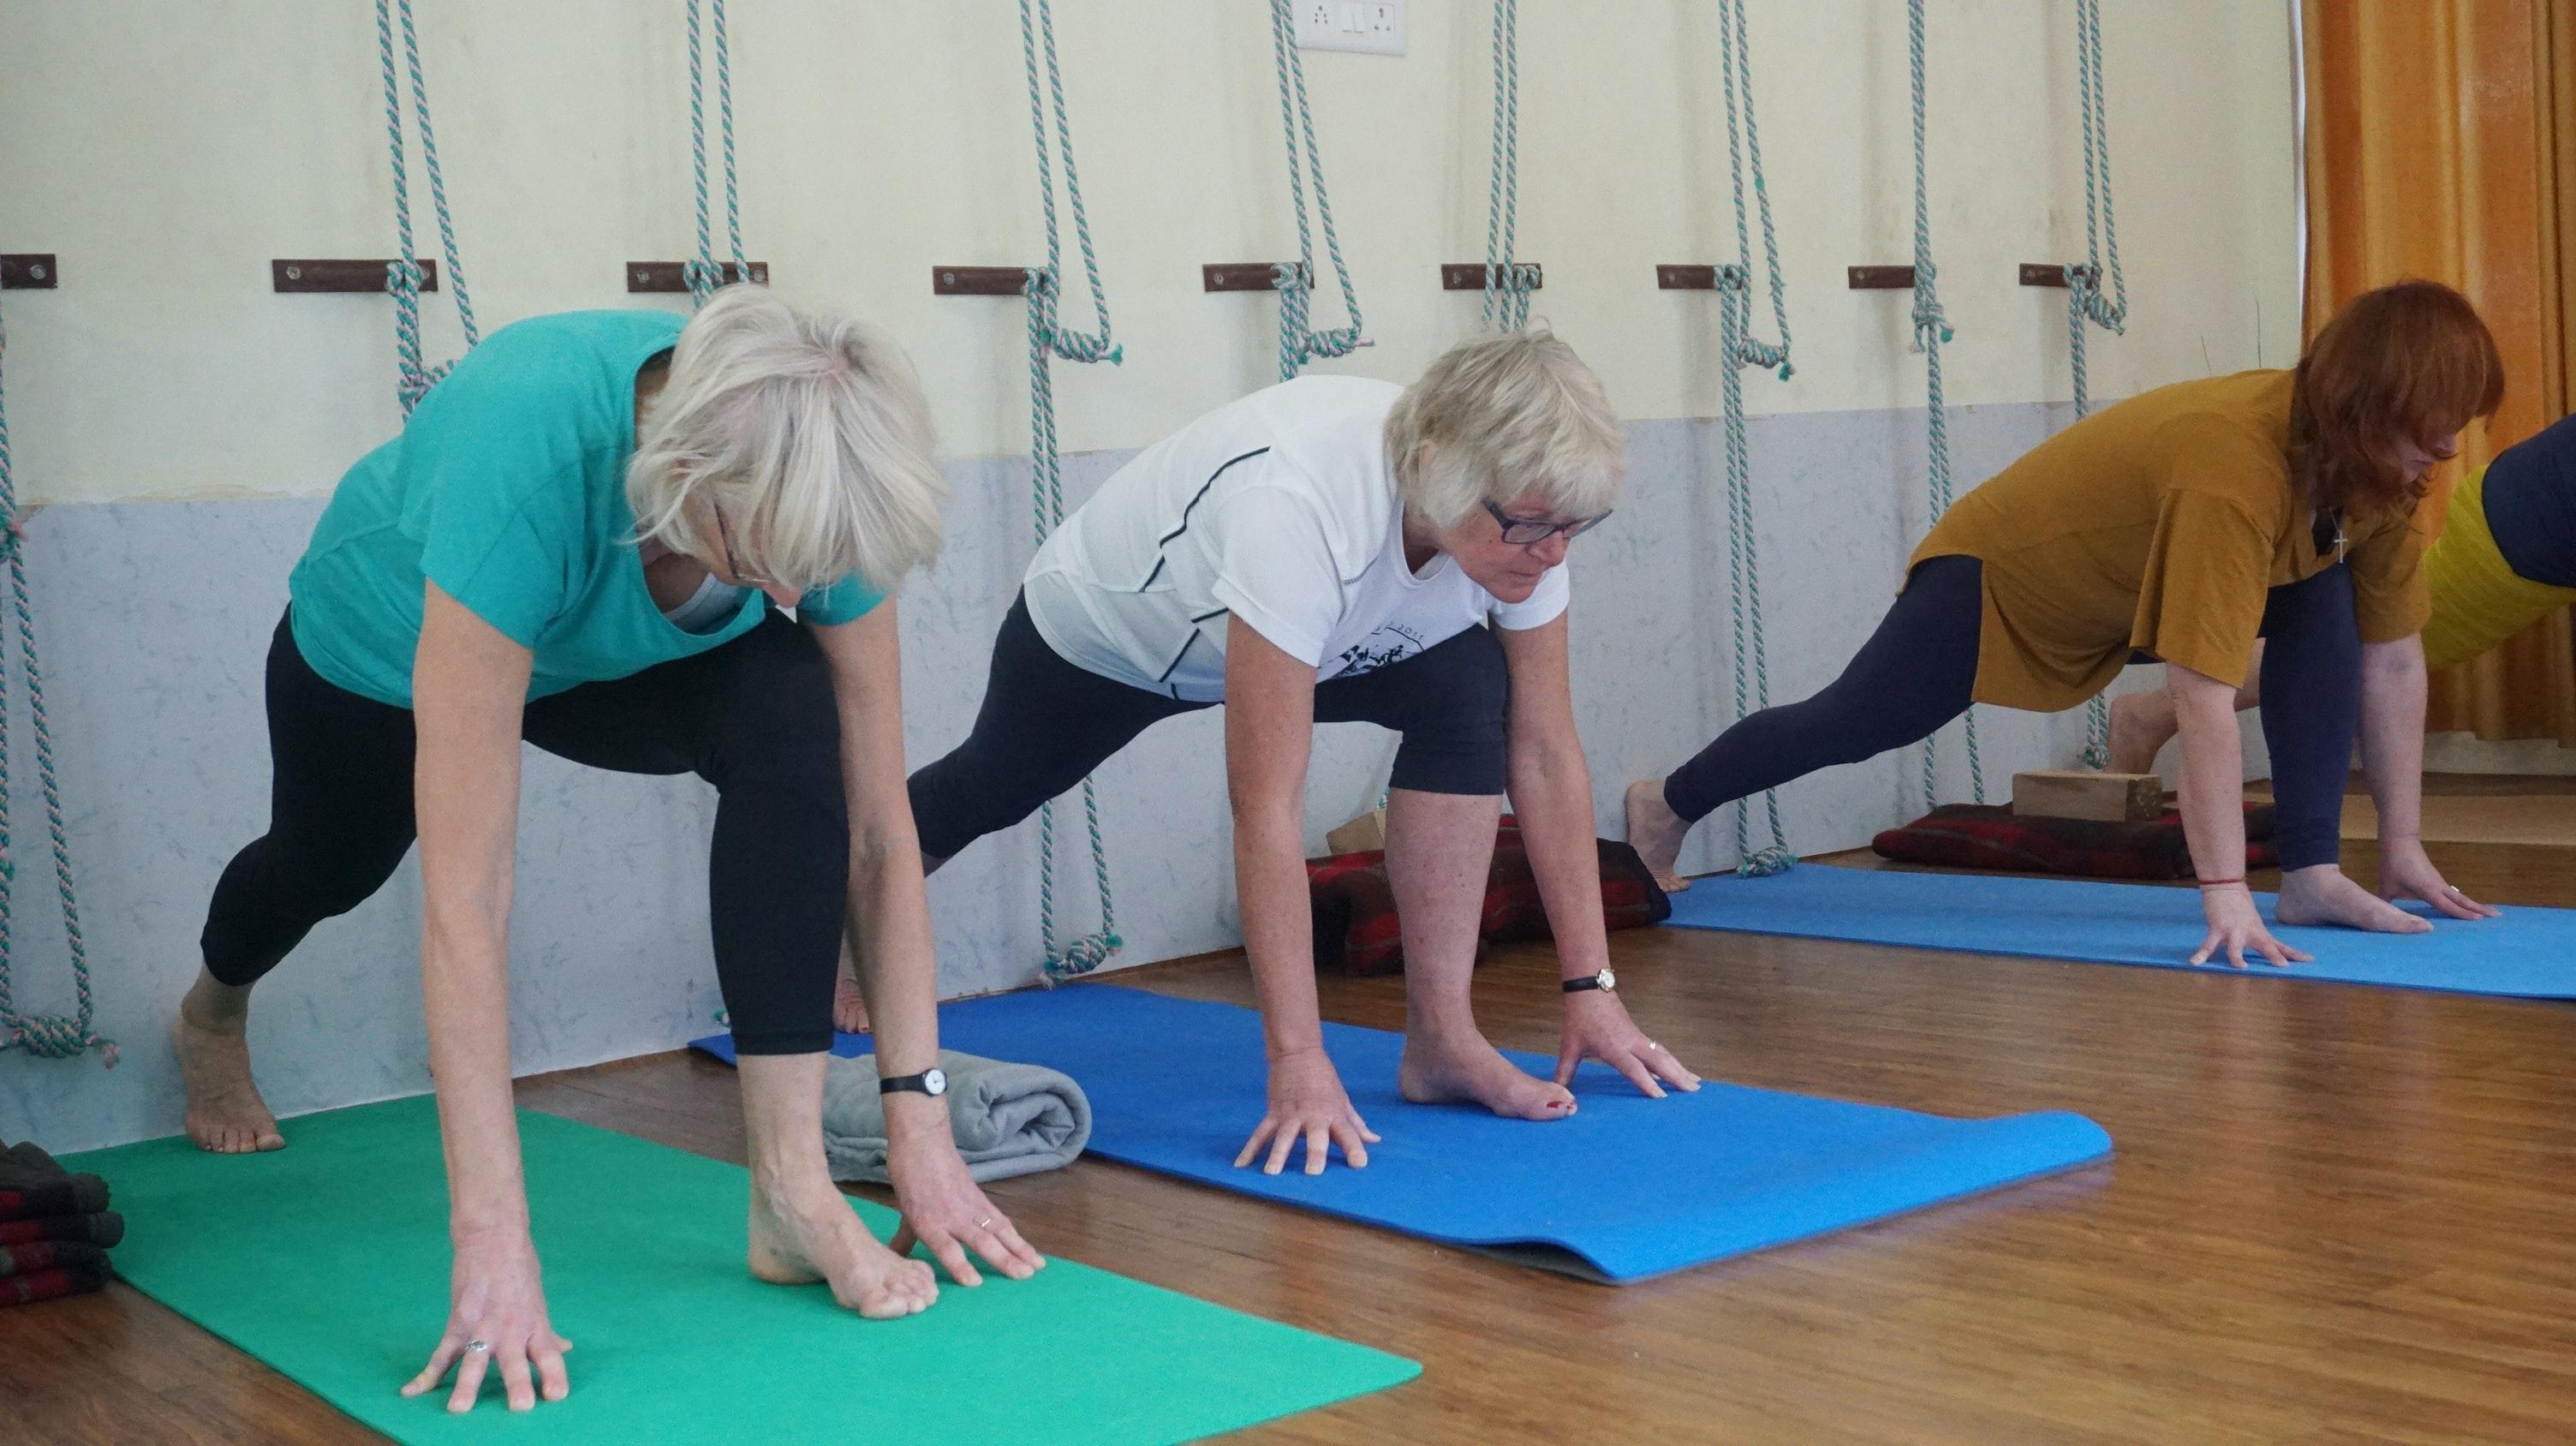 ćwiczące na matach starsze osoby